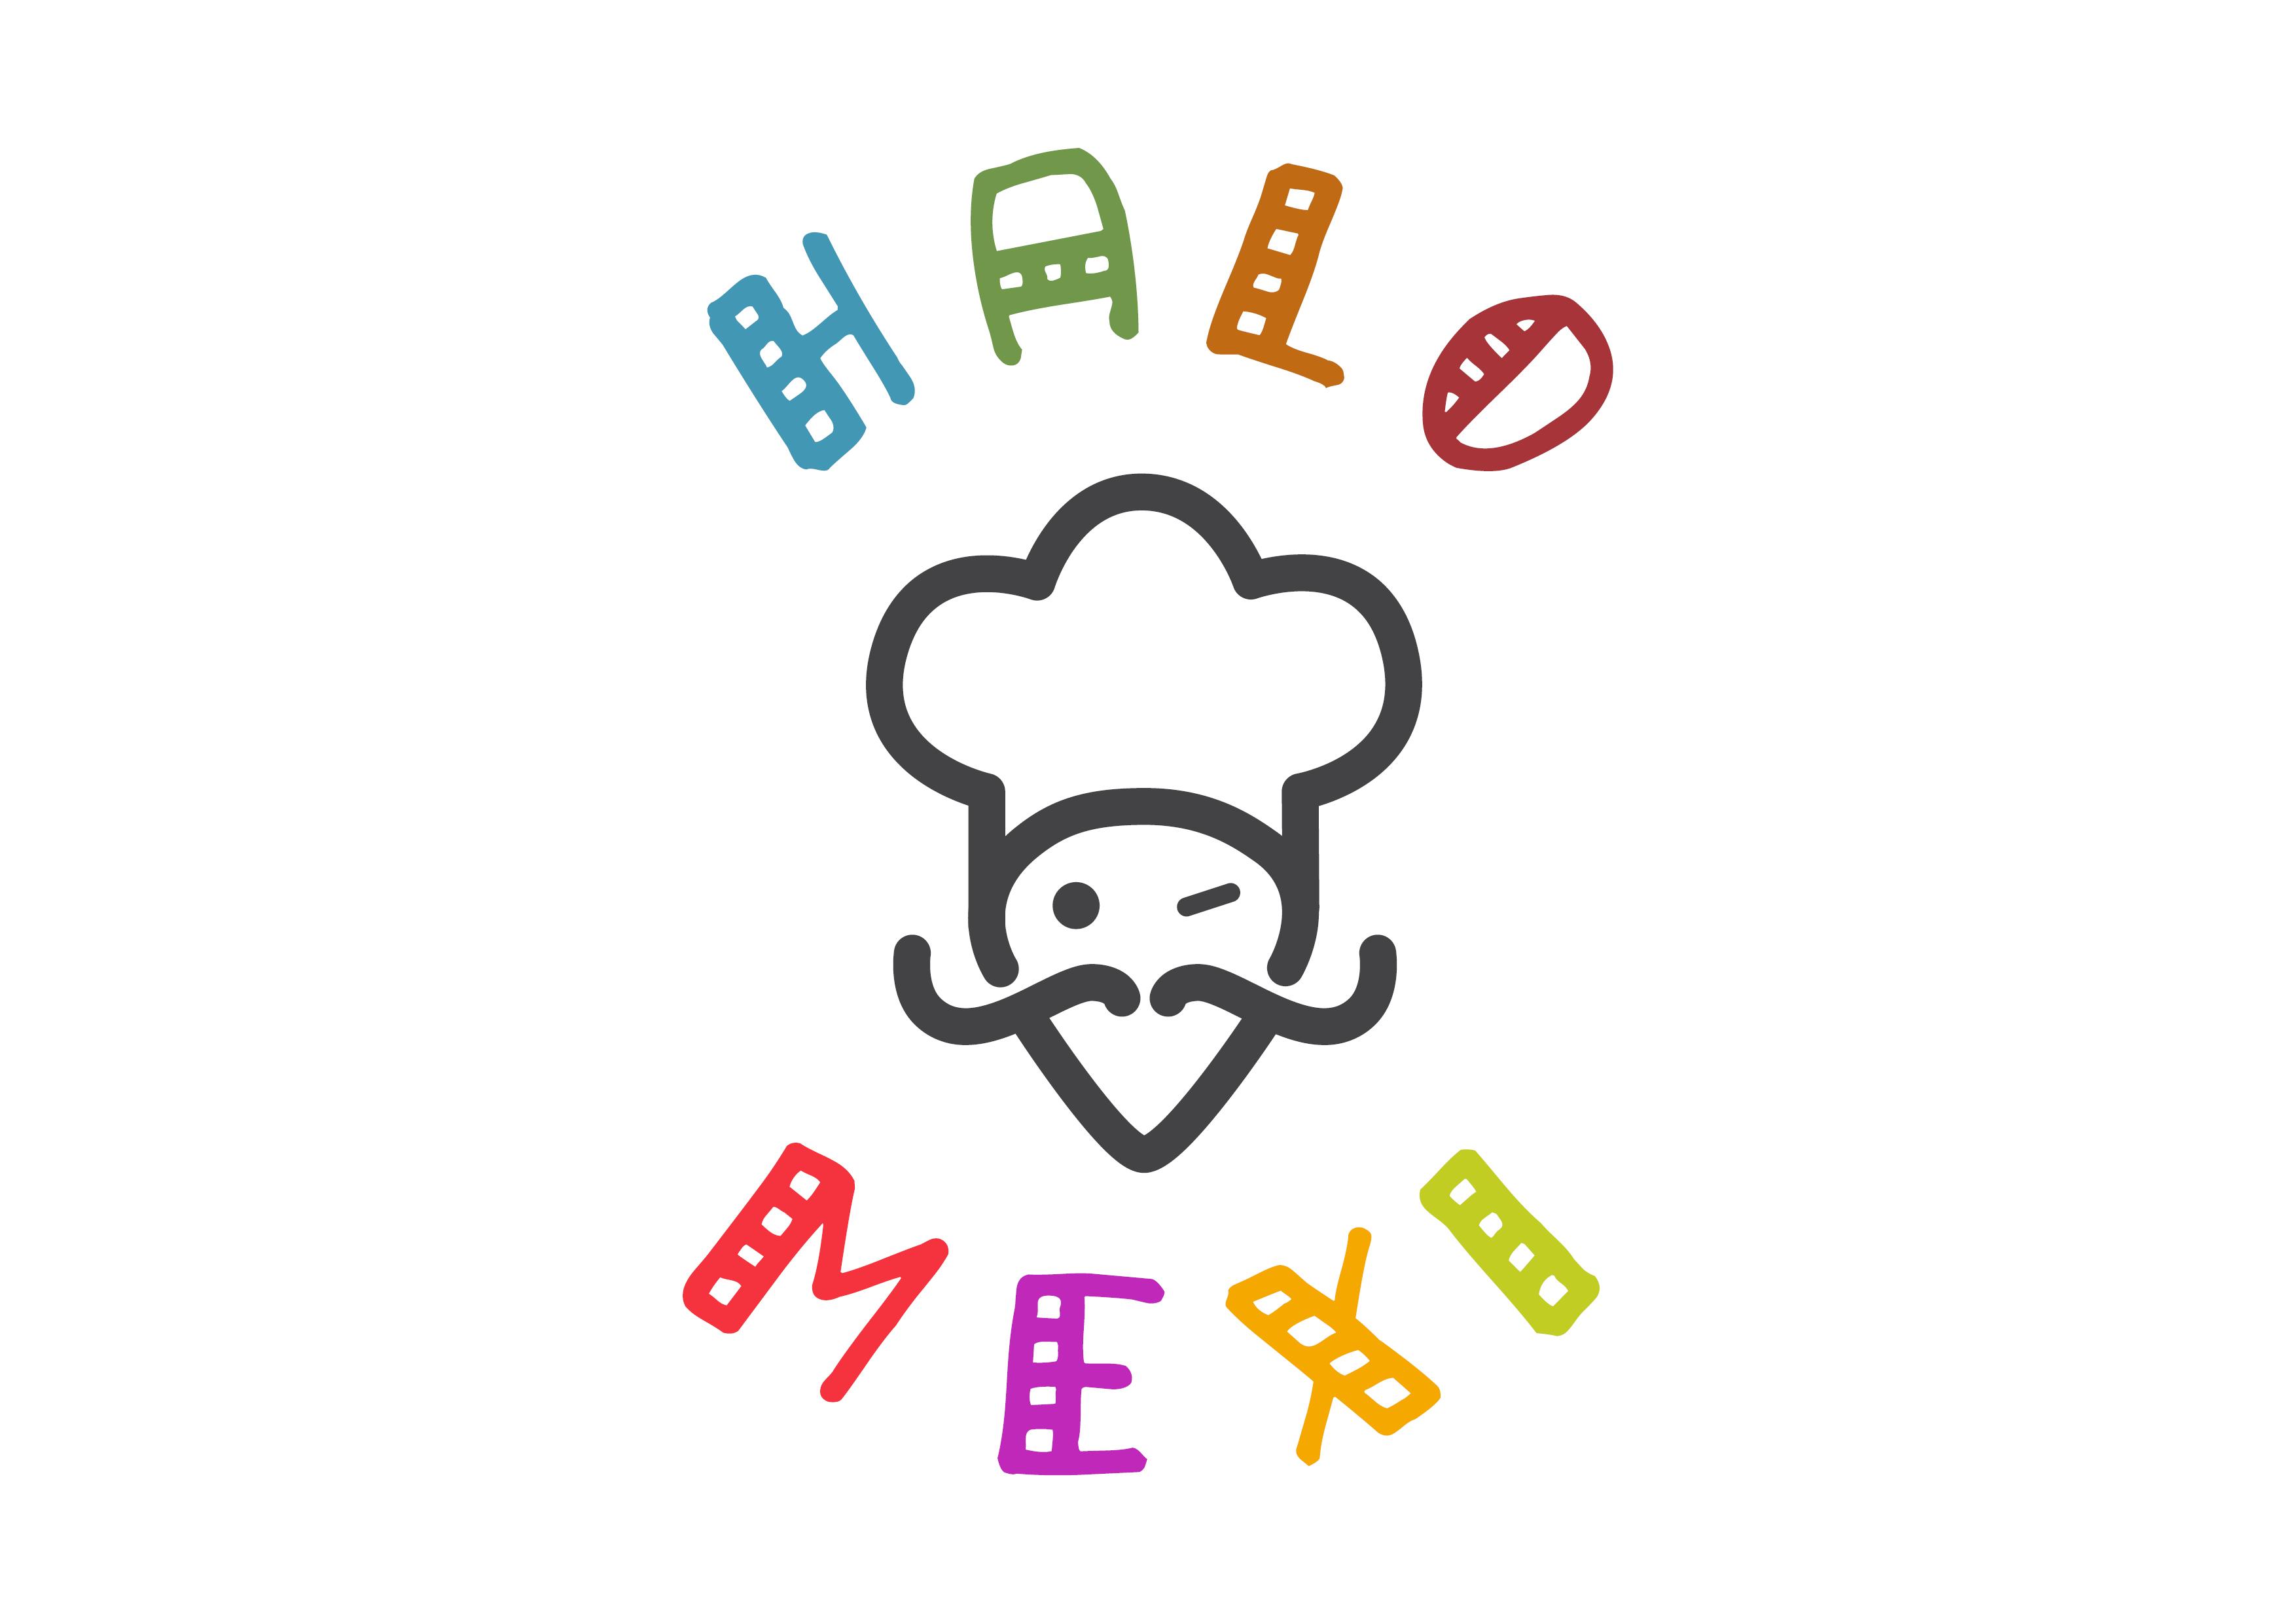 Logotip Halo Mexi_butični_končna verzija_apr2020